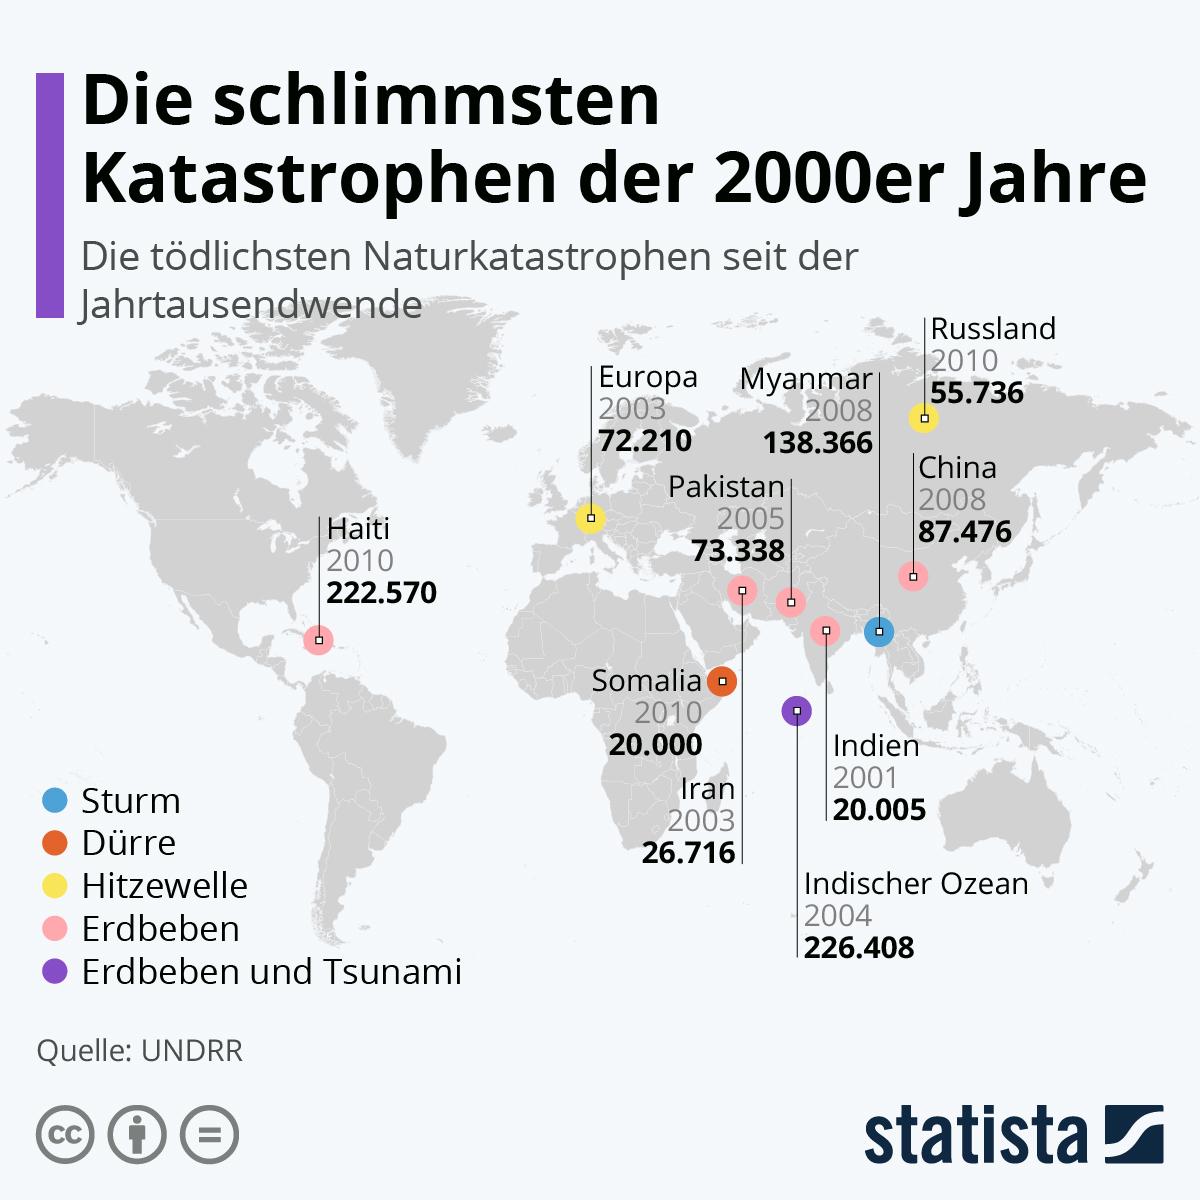 Die schlimmsten Katastrophen der 2000er Jahre | Statista